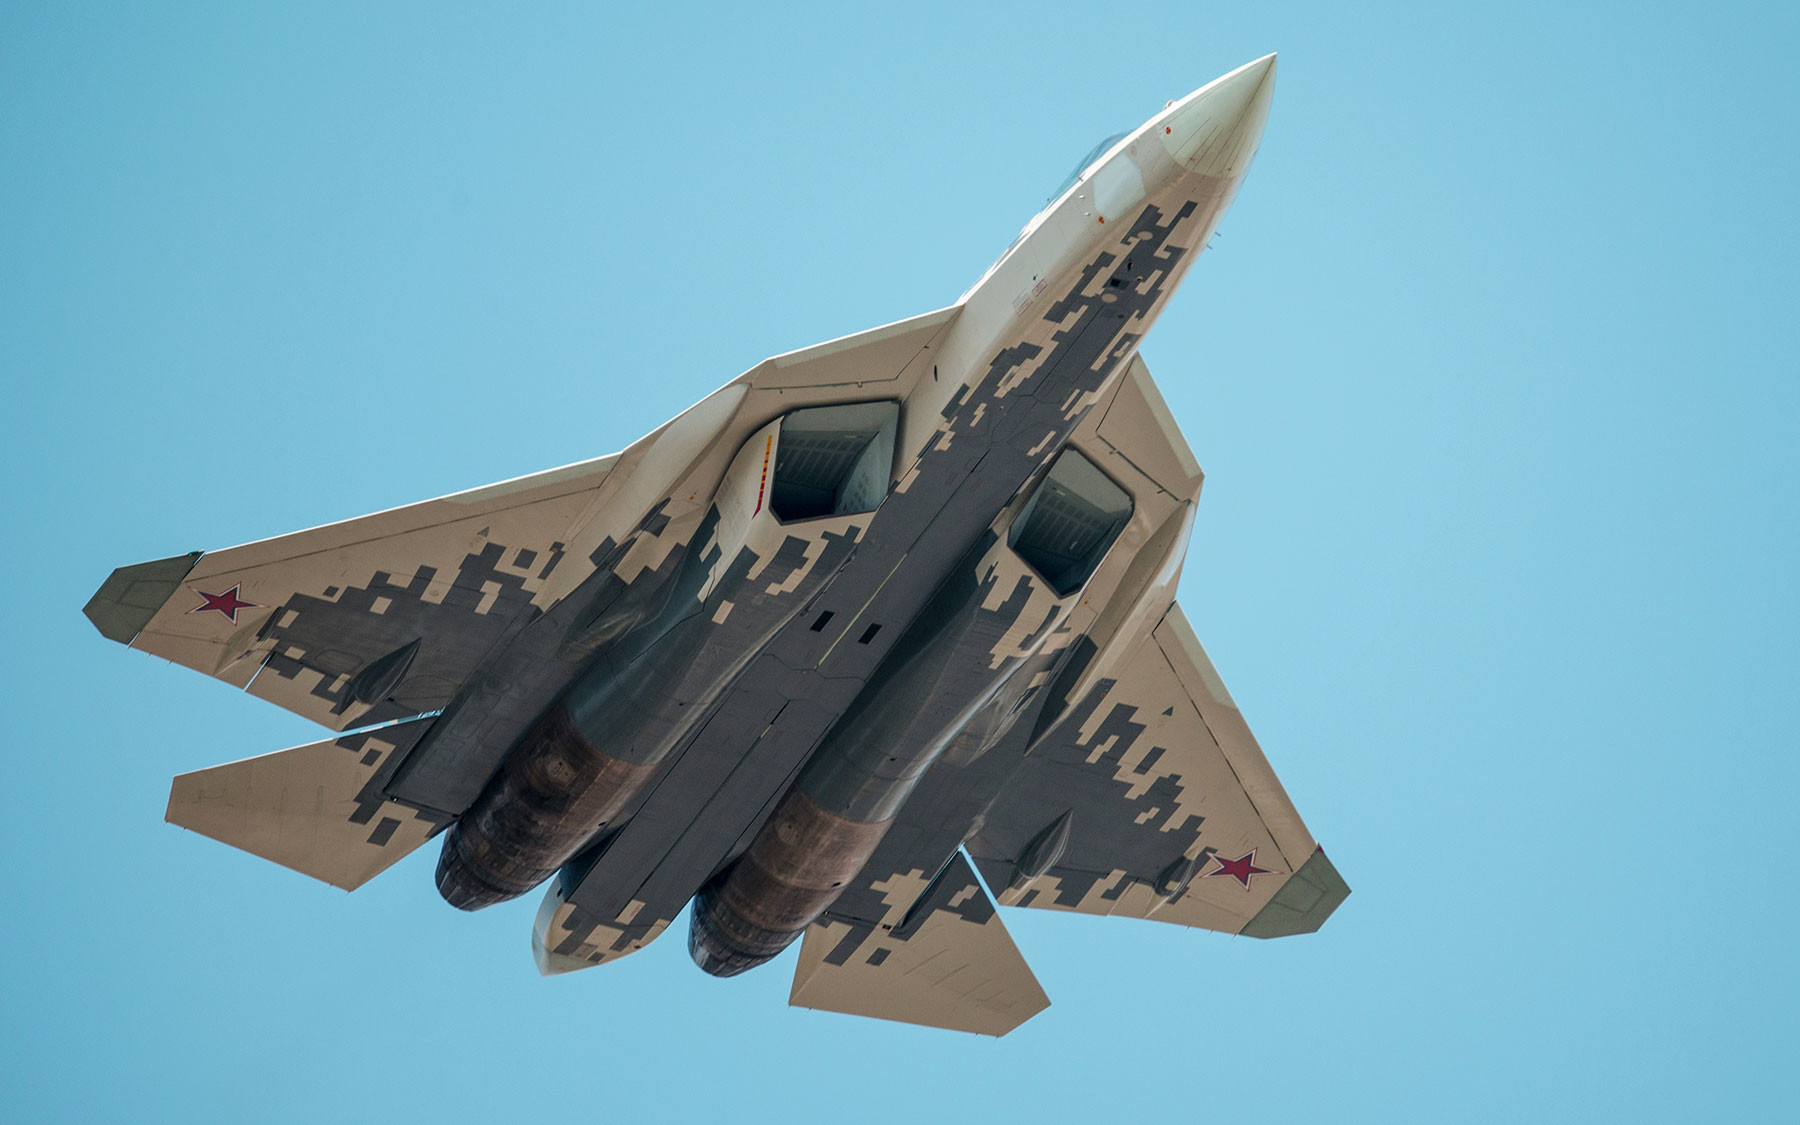 Многофункциональный истребитель Су-57. Фото: © РИА Новости / Владимир Сергеев